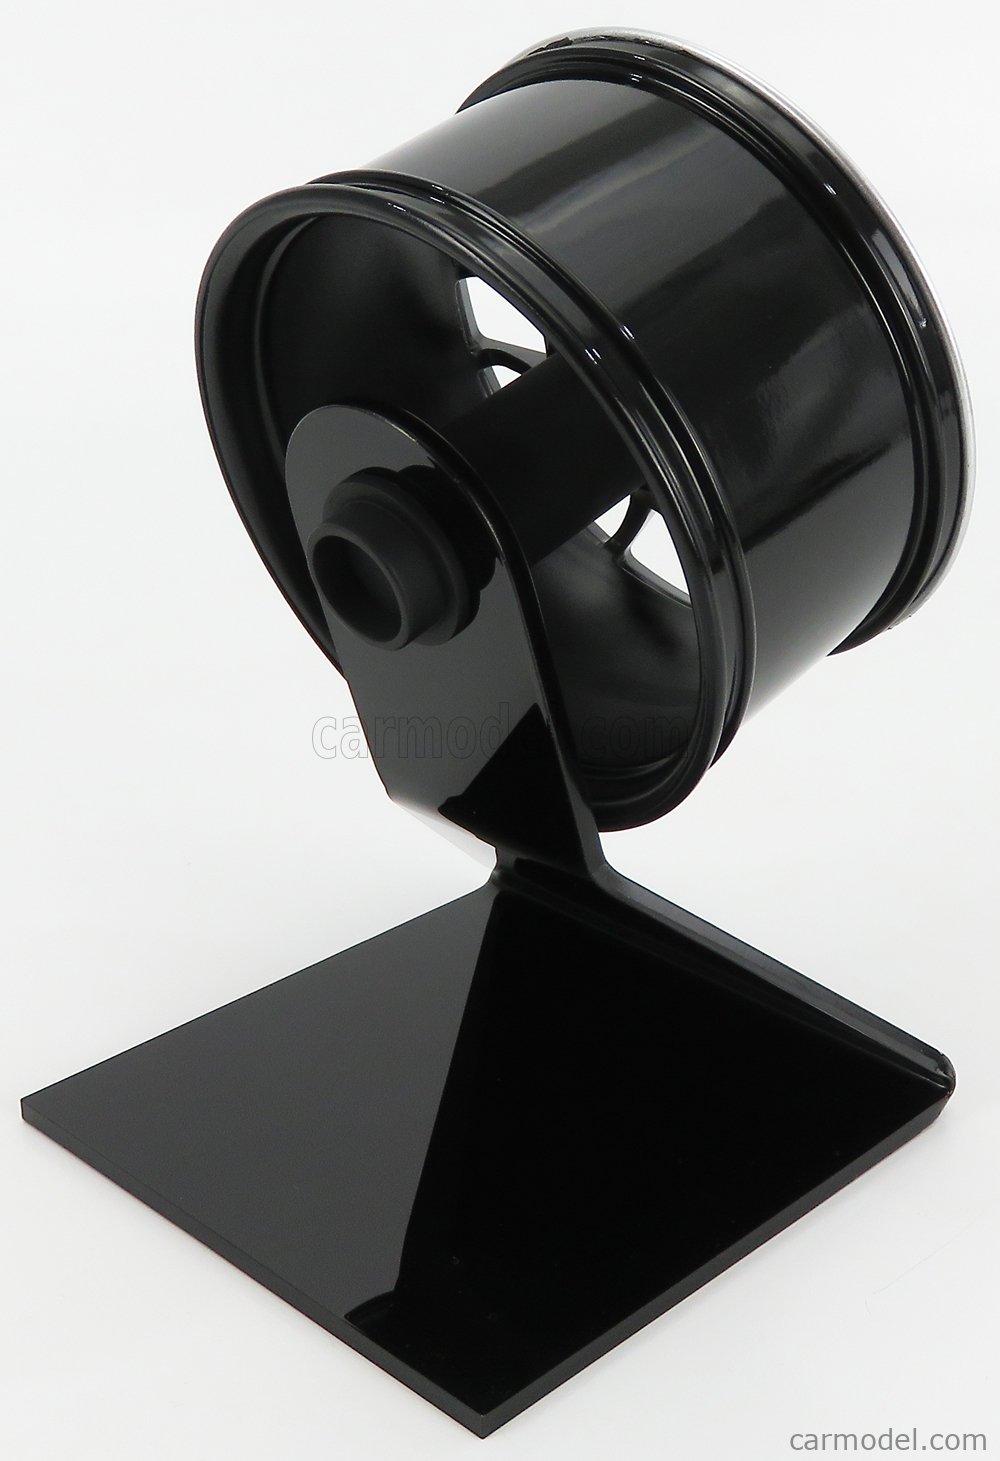 MINICHAMPS 500601998 Scale 1/5  ACCESSORIES PORSCHE 911 997-2 TURBO WHEEL 2010 BLACK SILVER